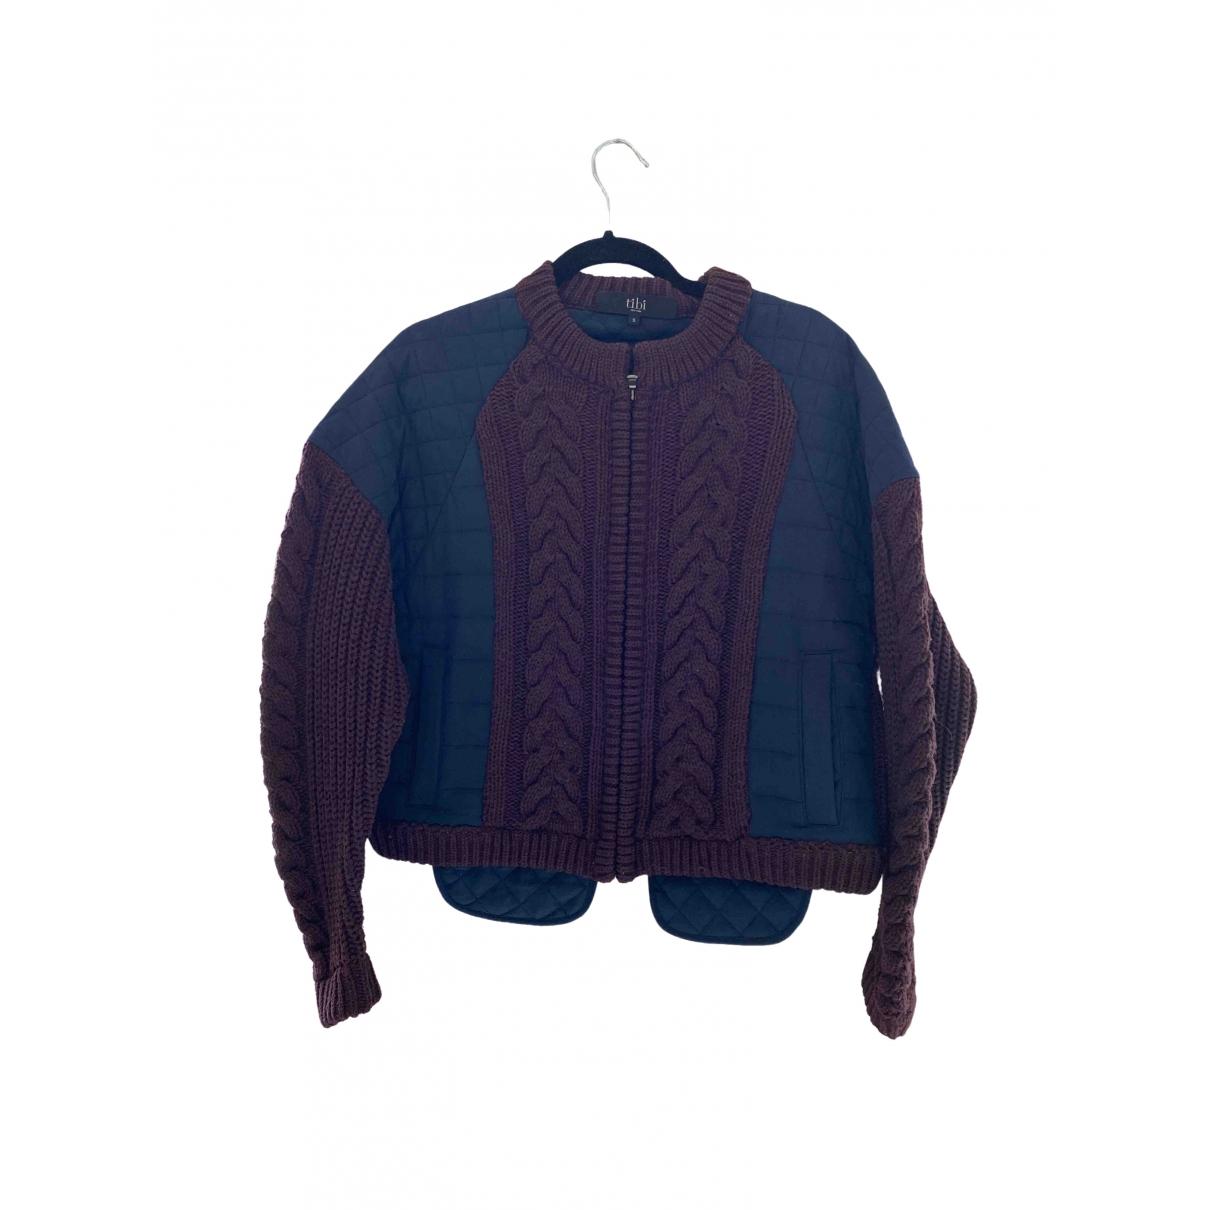 Tibi \N Multicolour jacket for Women S International